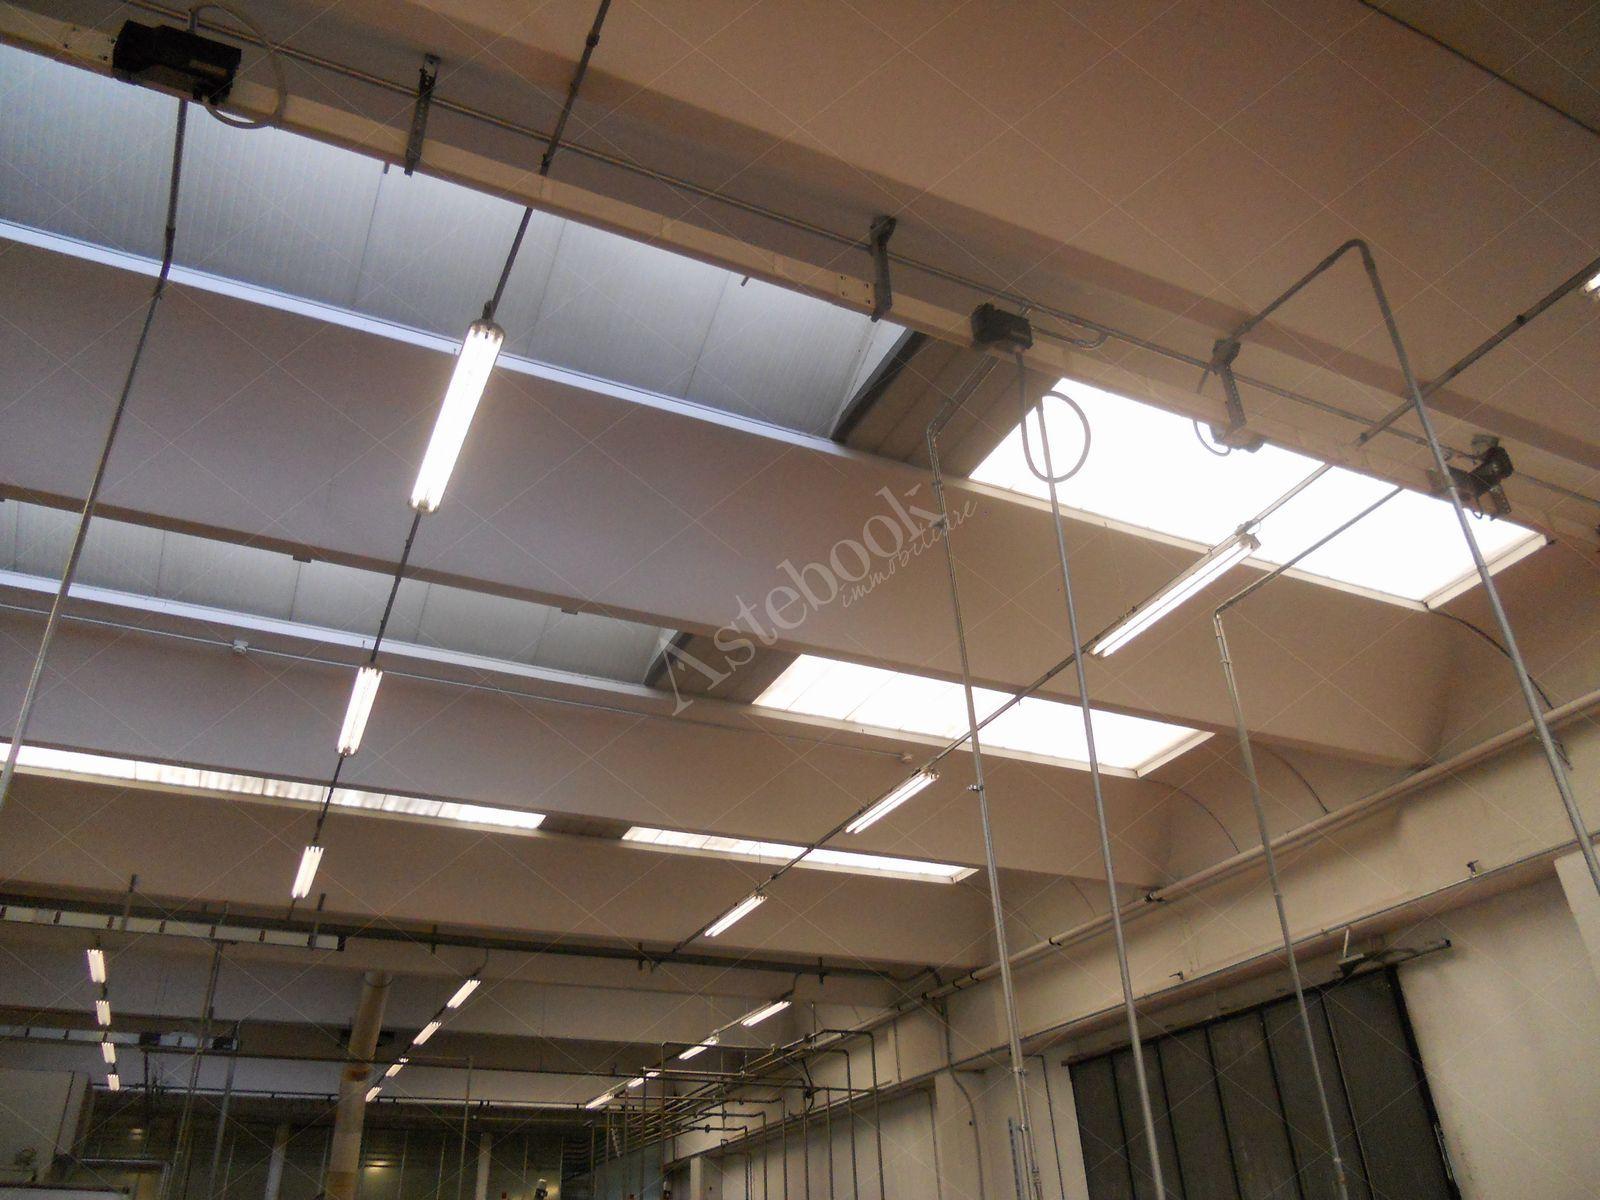 Intera propriet di capannone industriale produttivo sito for Aste immobiliari monza